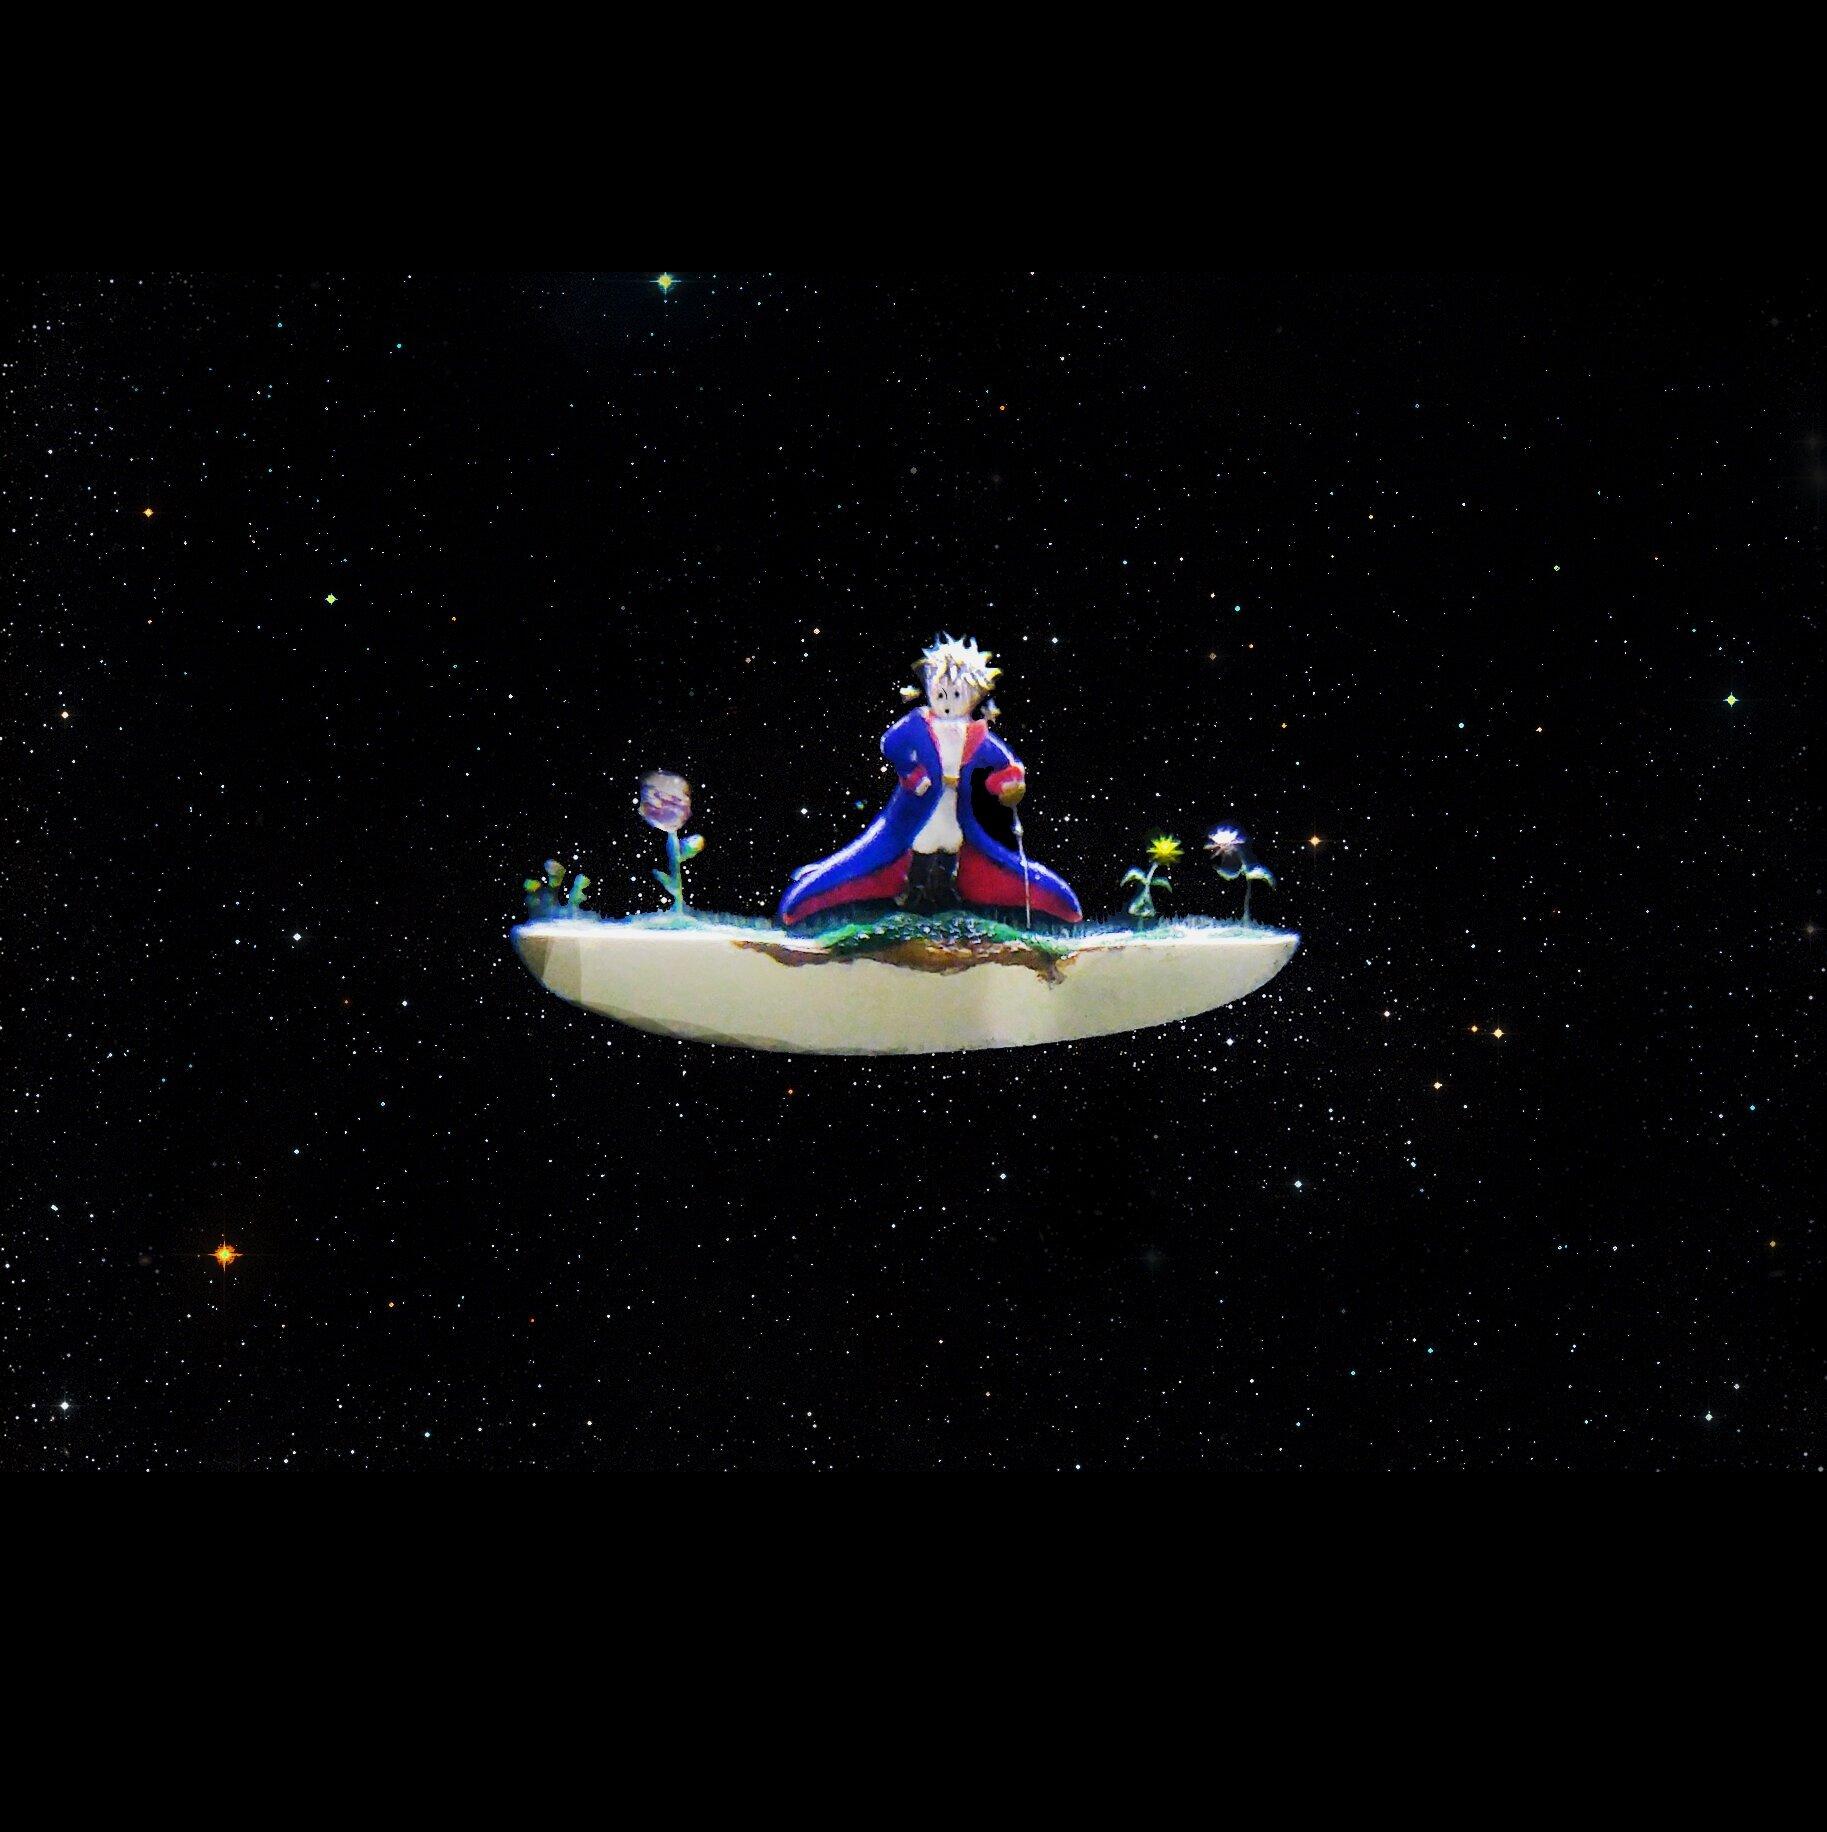 Микроминиатюра из полудрагоценных камней «Маленький принц» является самой крошечной в мире – высотой всего 0,8 мм. Выполнена за 4 месяца из более чем 50-ти деталей. Автор микроминиатюры – Эдуард Тер-Казарян-младший